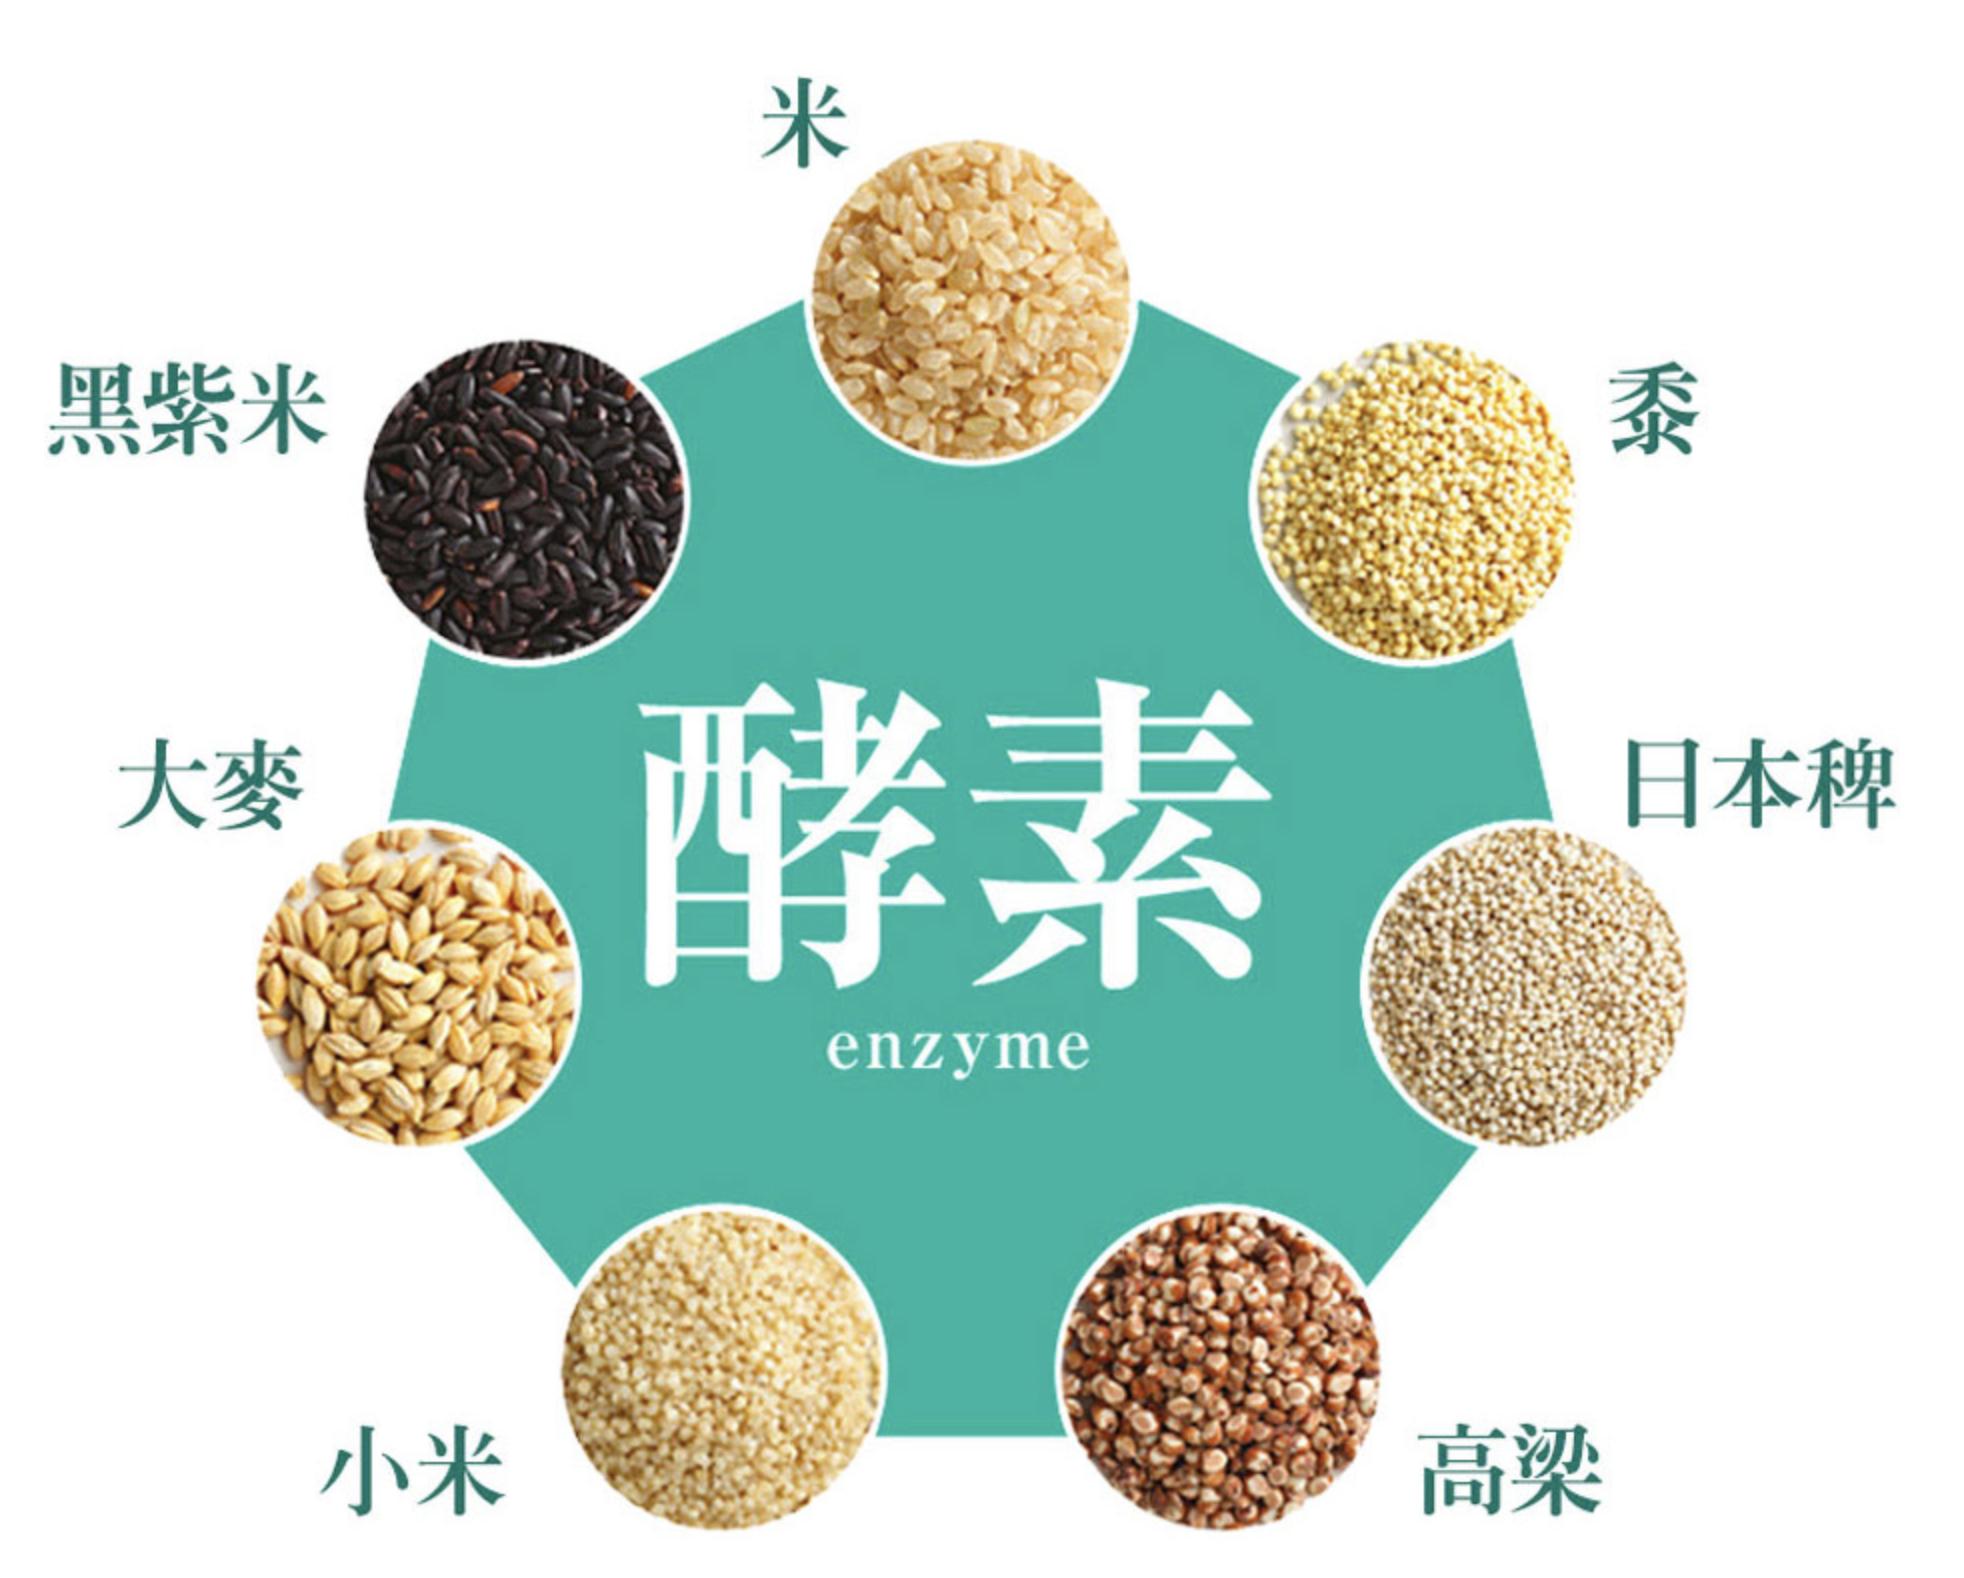 為助你進一步的排便順暢而配合了提取來自穀物的酵素。